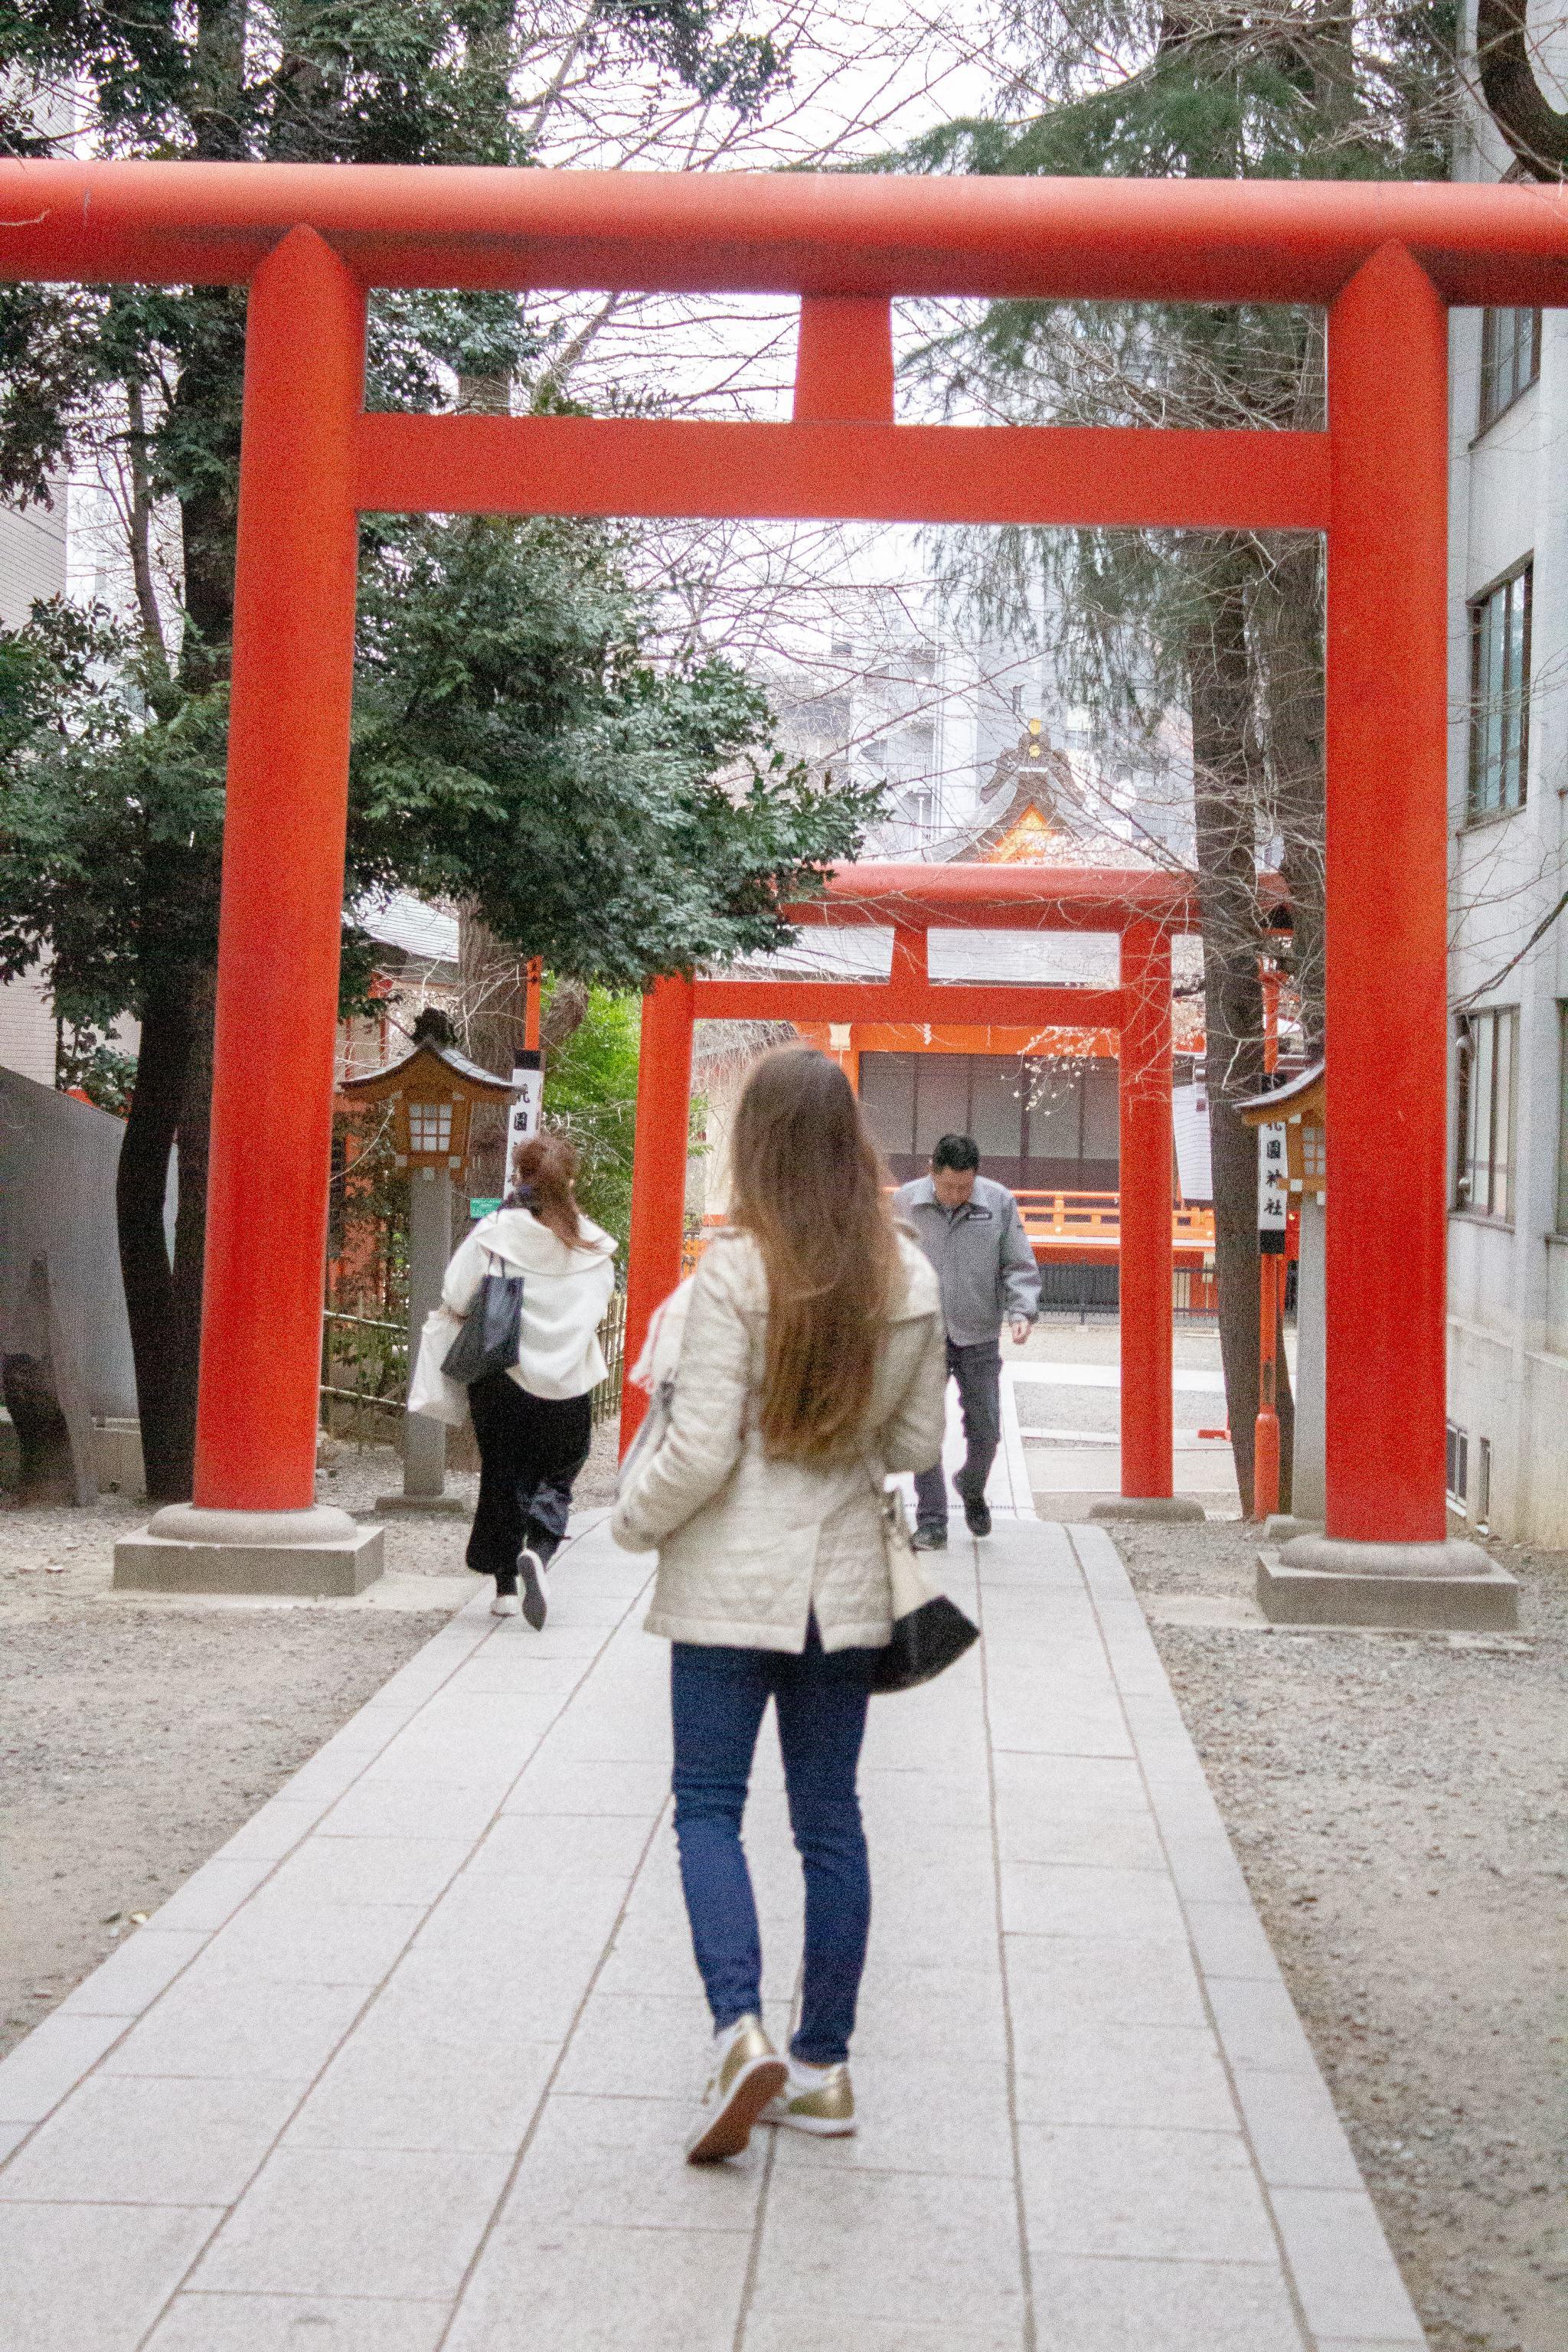 Shinjuku - Tokyo - traveling in Tokyo - what to see in Japan - shrine in Shinjuku